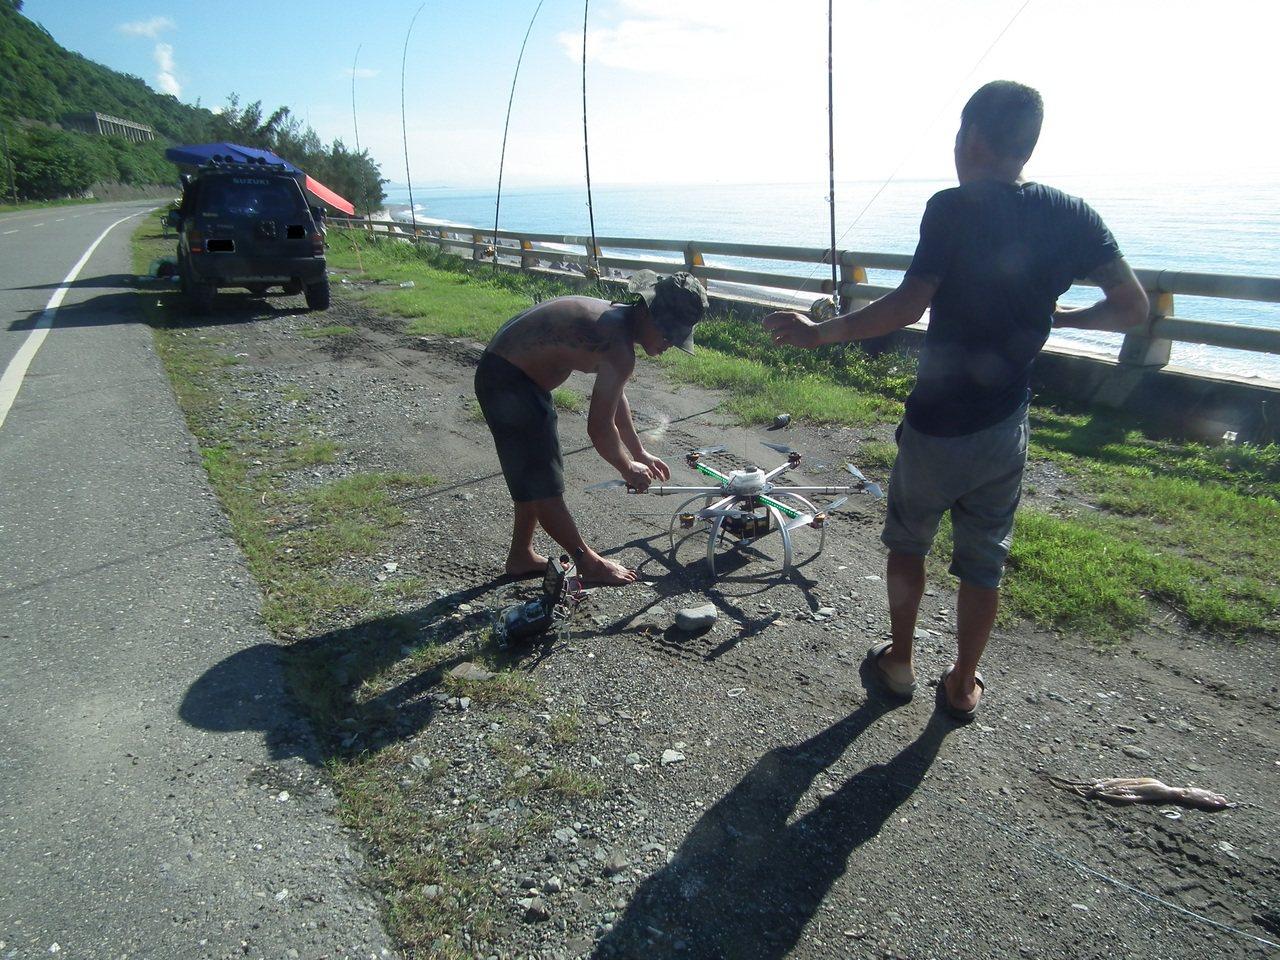 無人機6項操作限制規定,其中不得投擲和不能夜飛等2項,就讓喜愛空投放長線的釣客說...